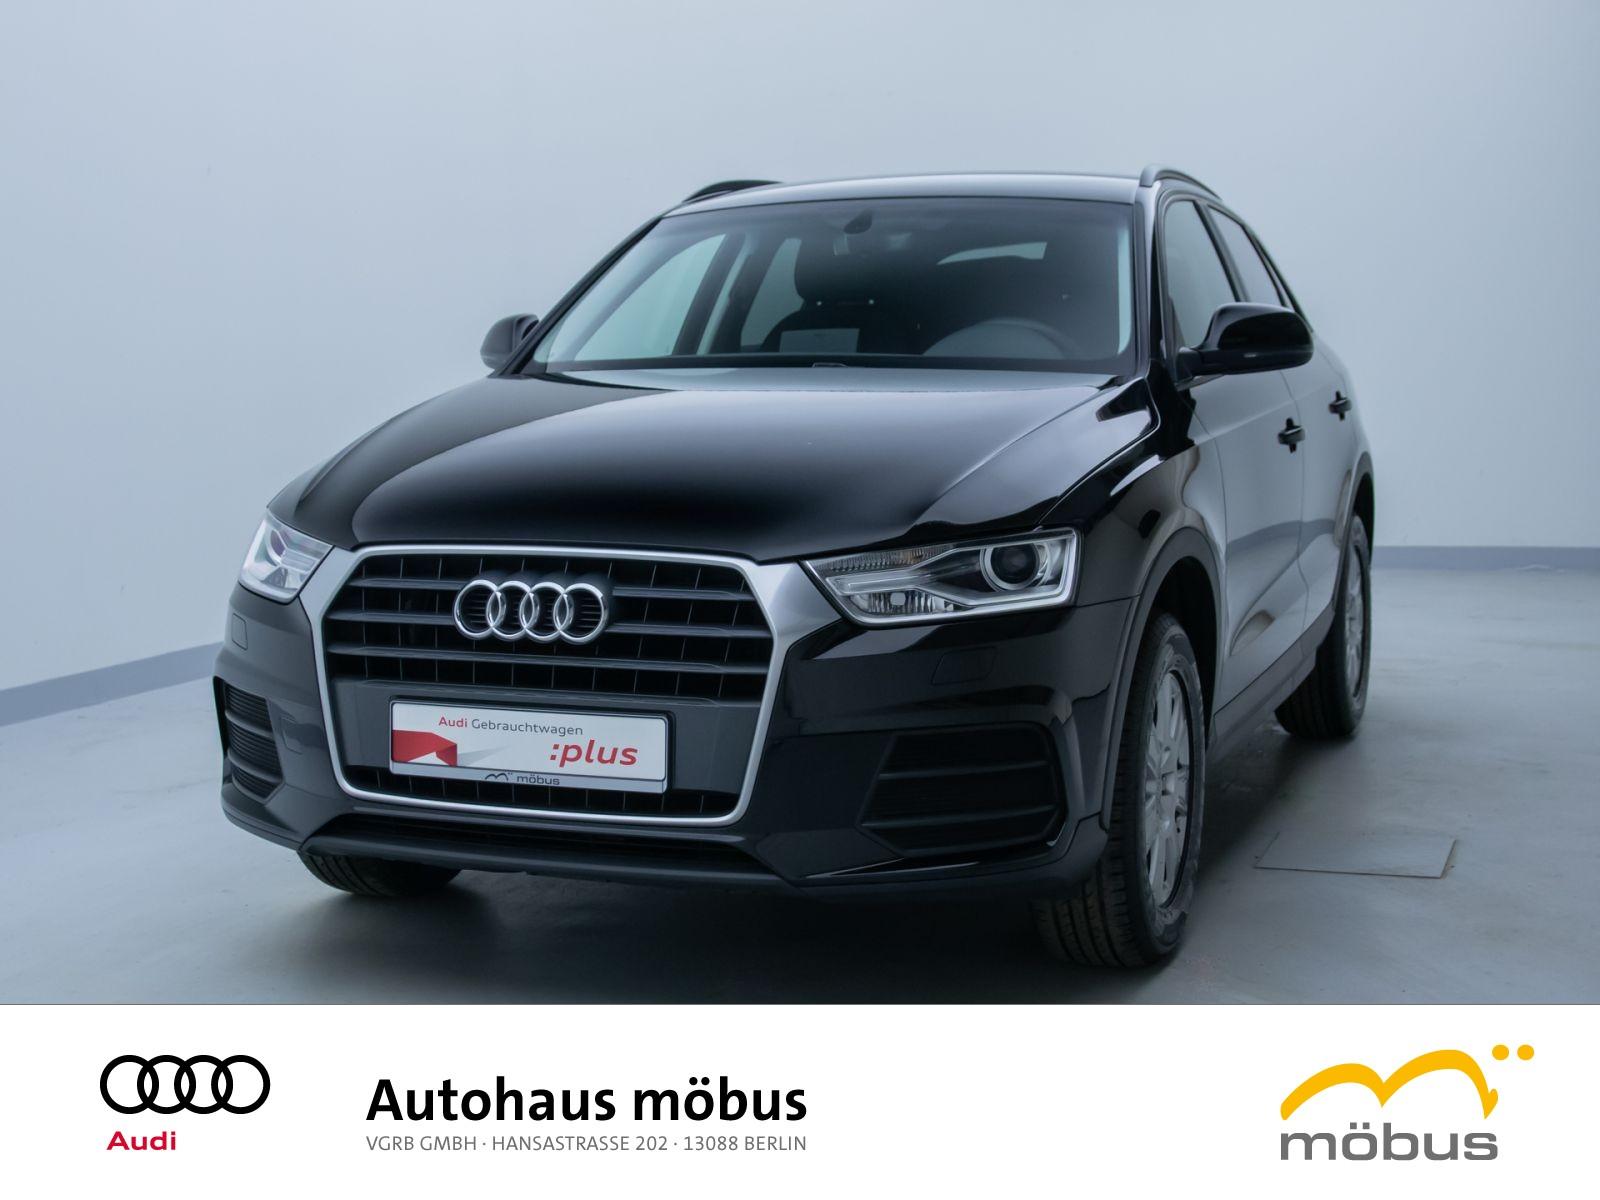 Audi Q3 ultra 1.4 TFSI *6-GANG*NAV*KLIM*XEN*BT*, Jahr 2018, Benzin